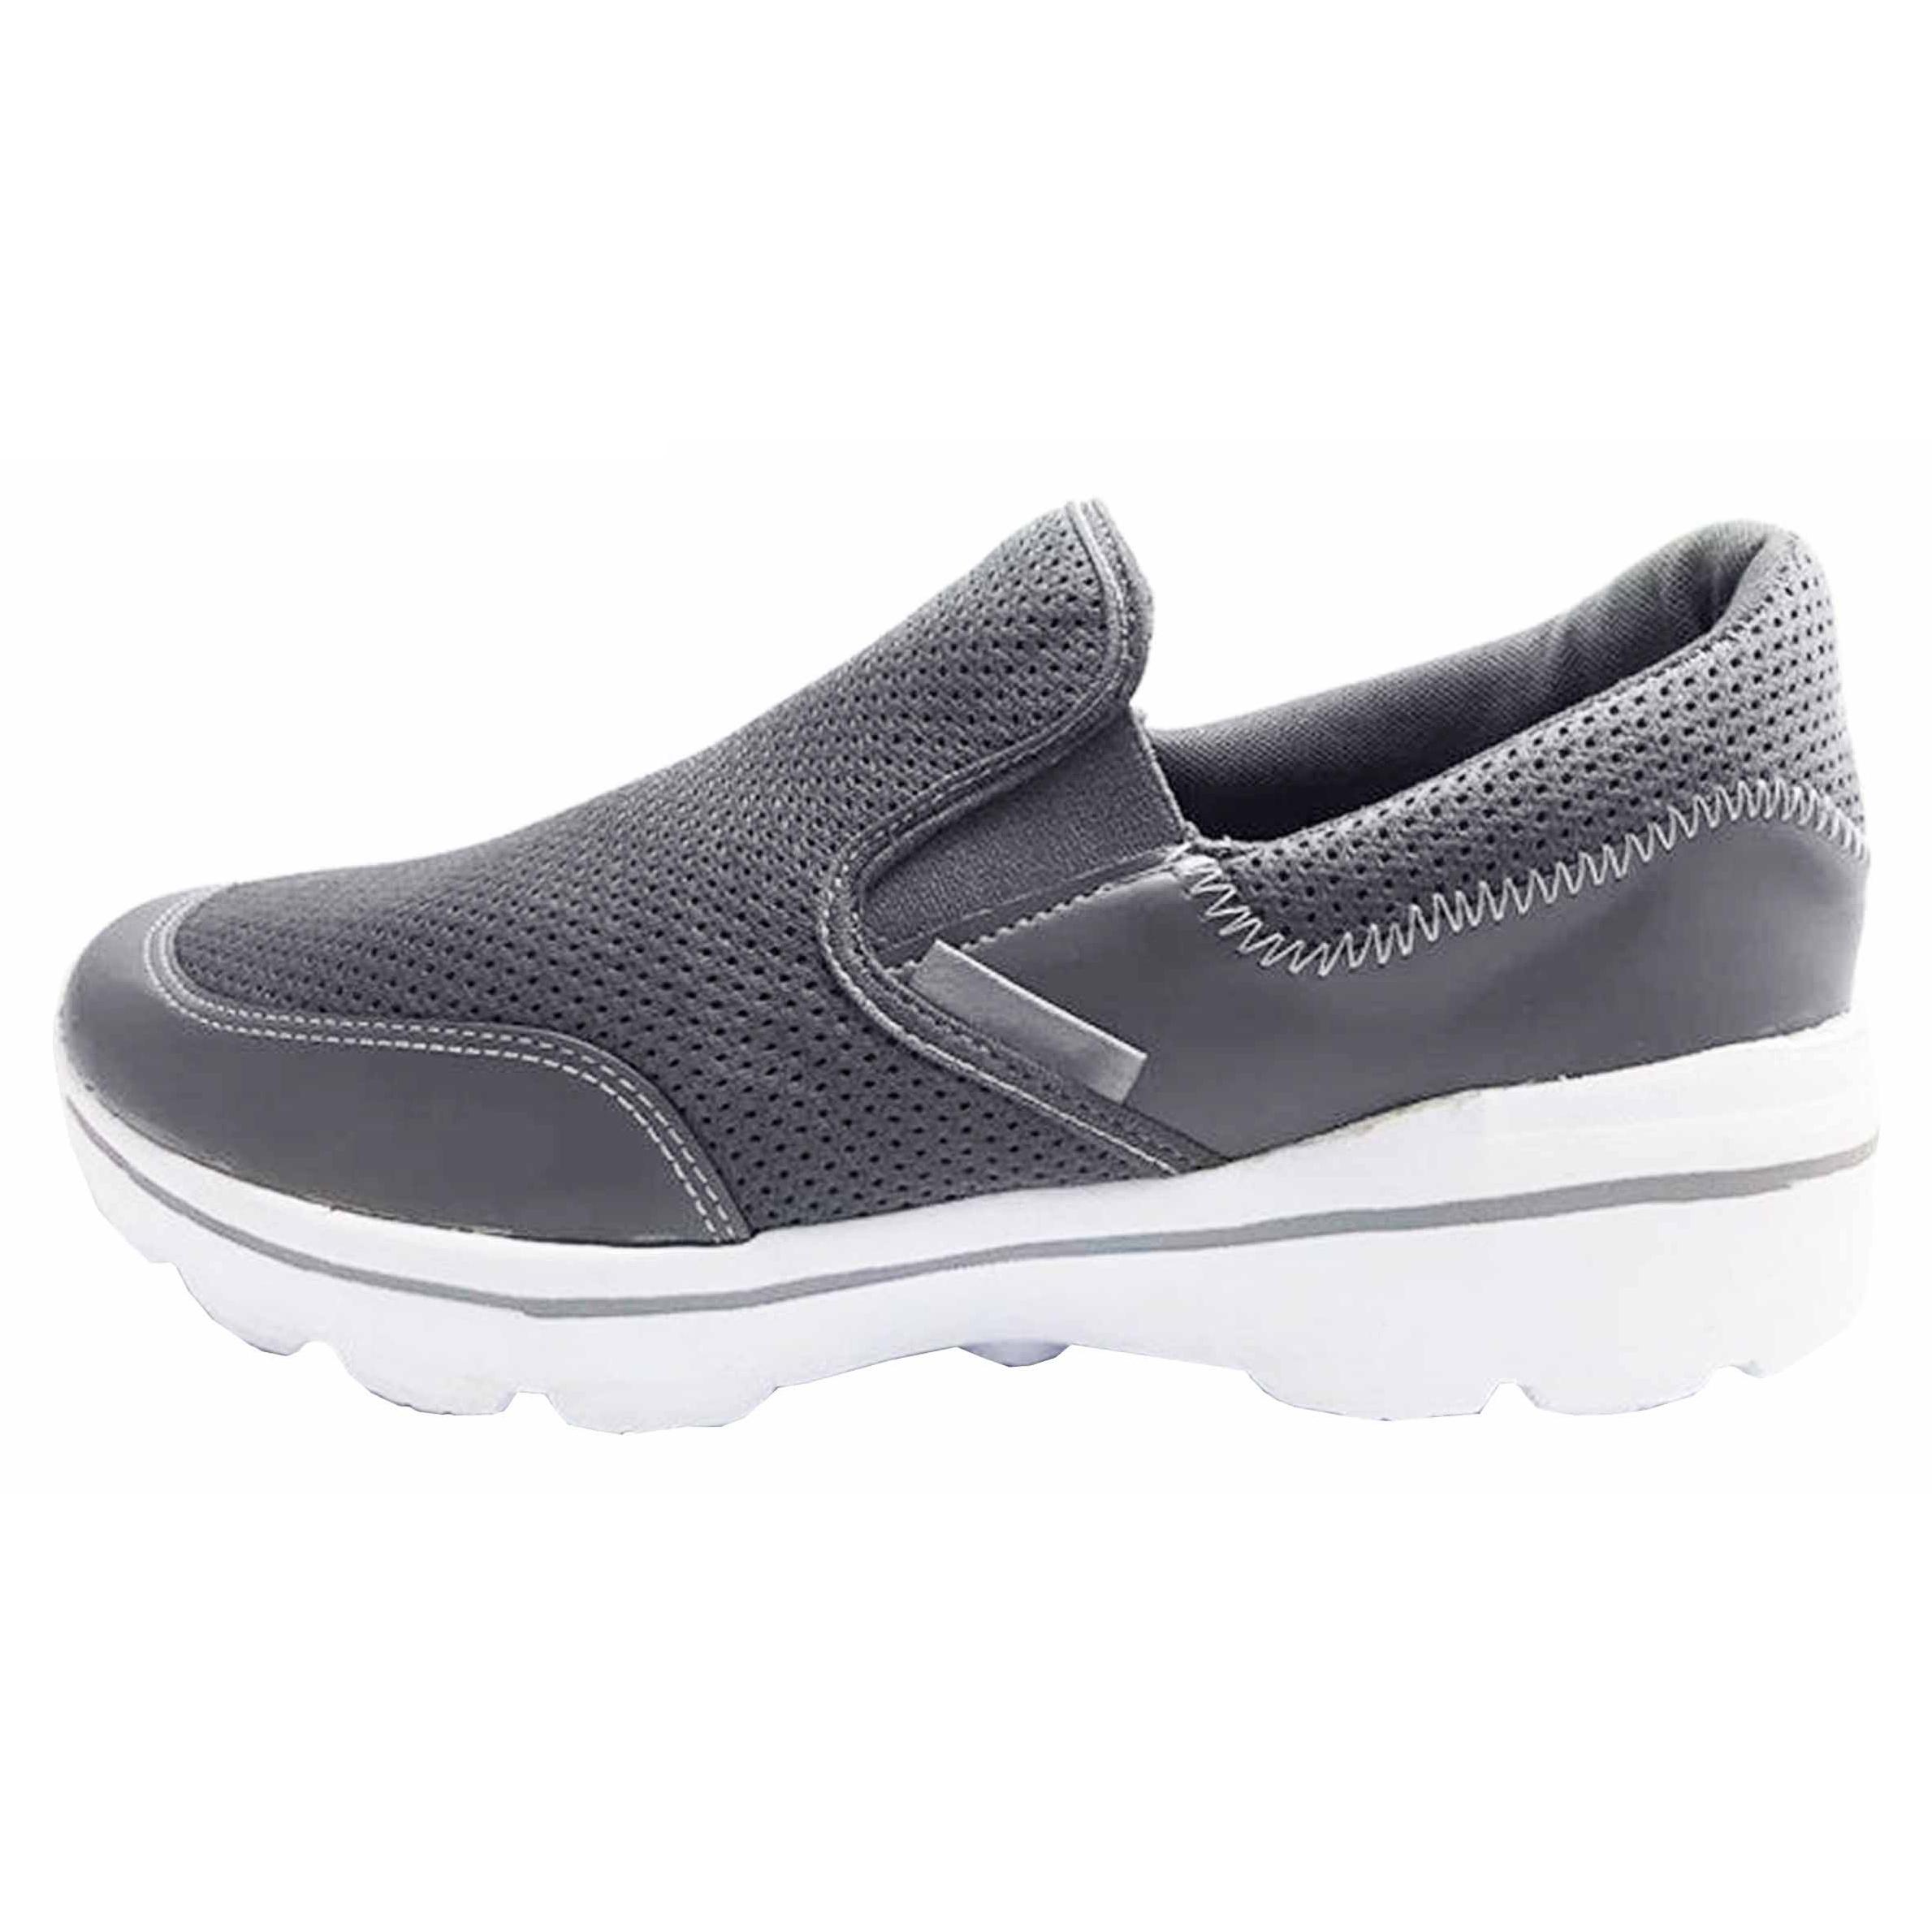 خرید                      کفش مخصوص پیاده روی مردانه نسیم مدل واتیکان کد F201              👟